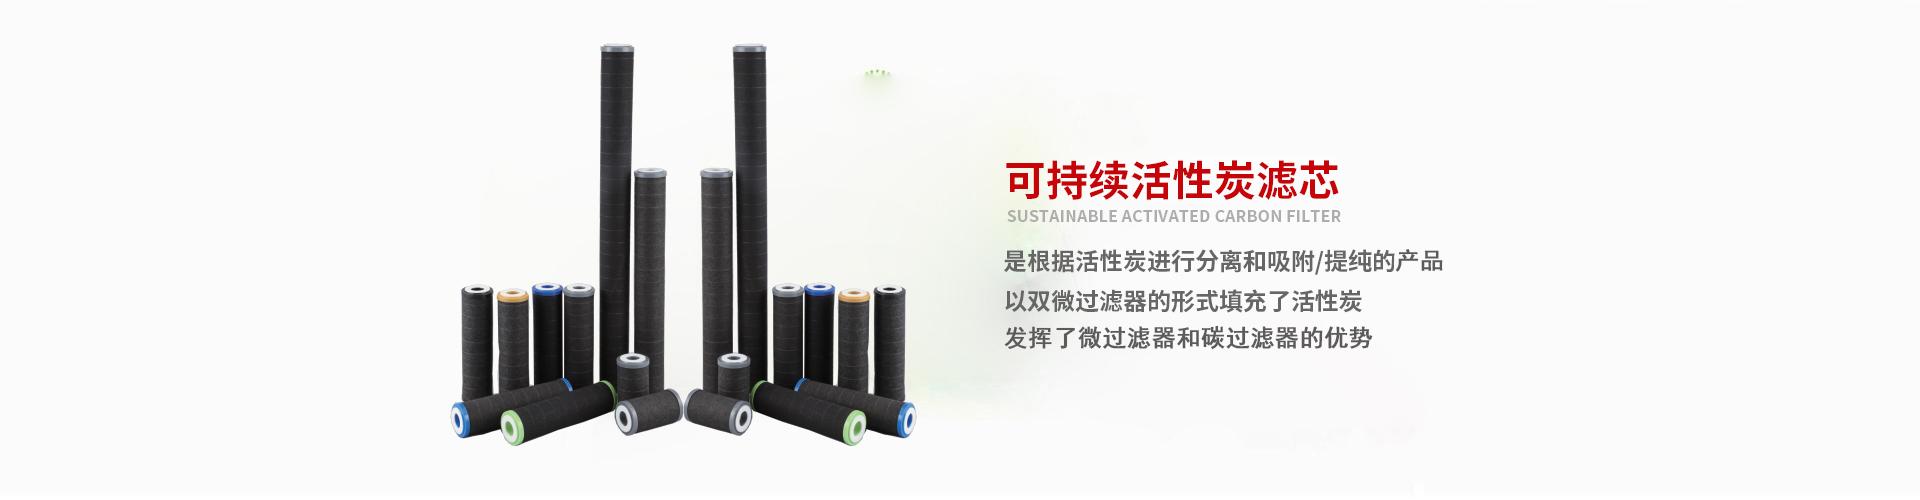 可持续活性炭滤芯